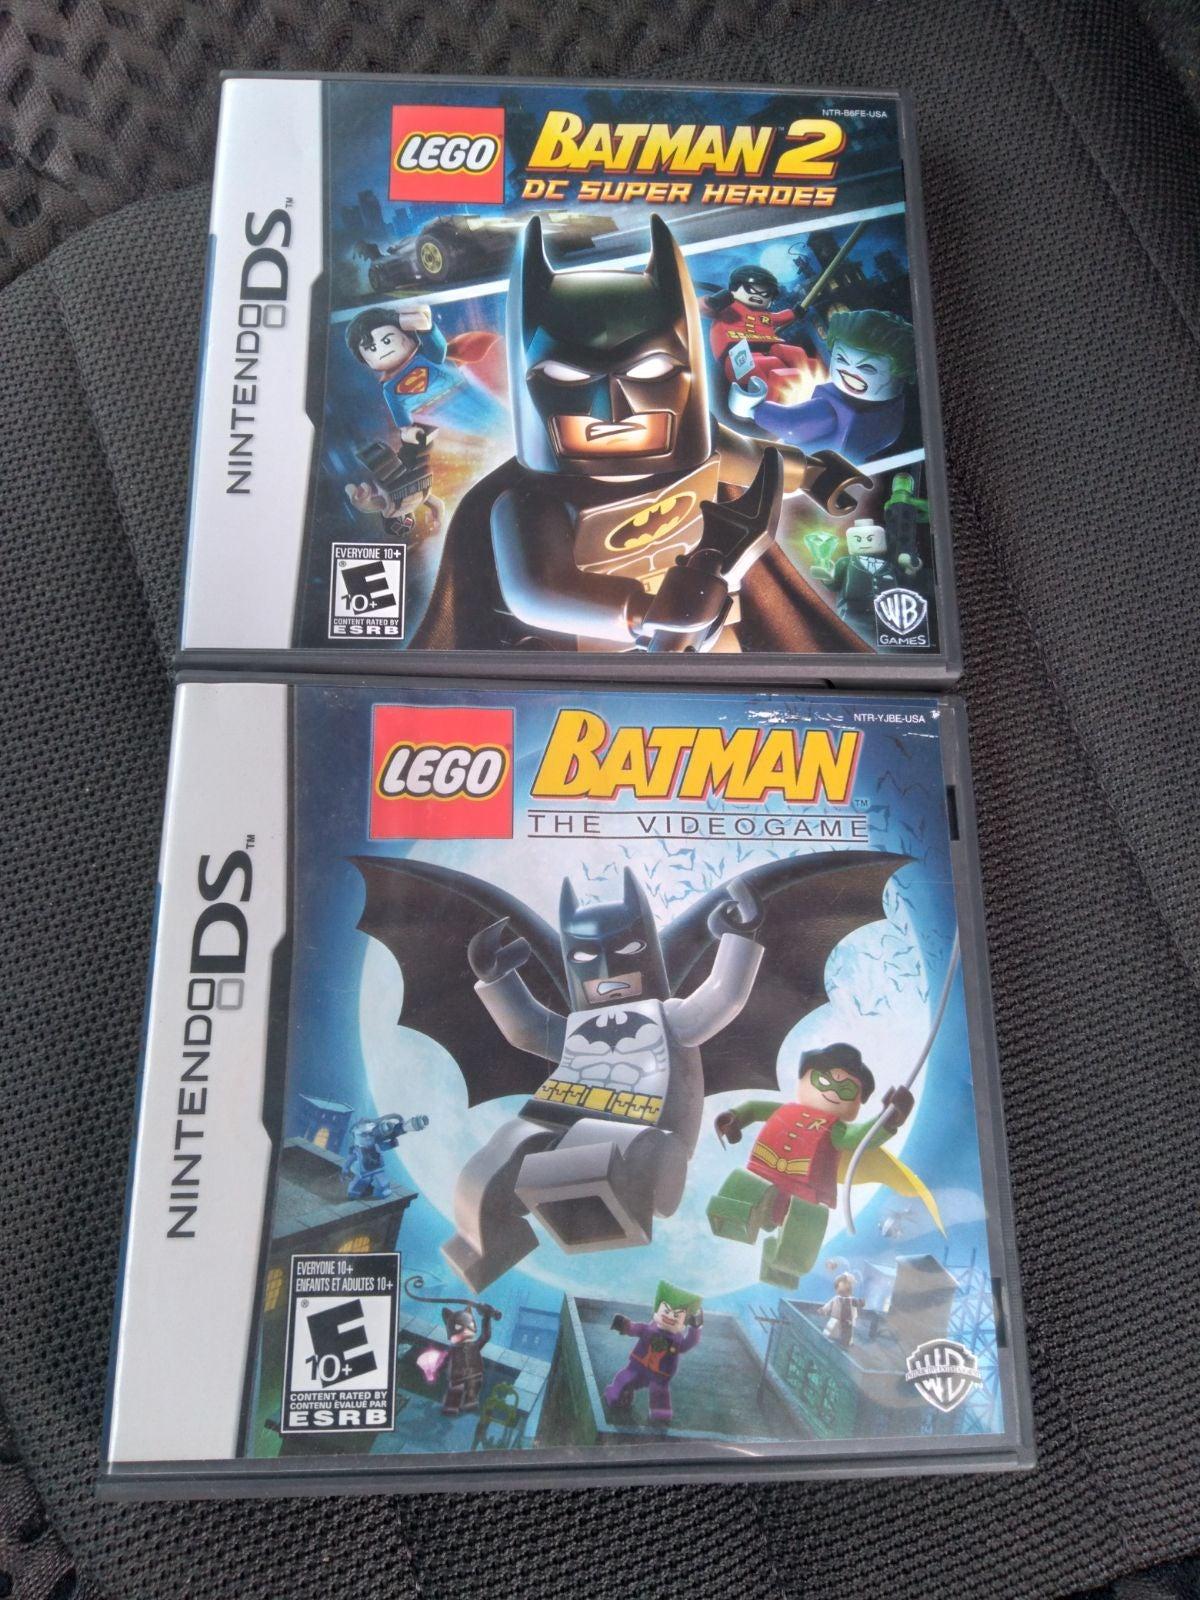 LEGO Batman 1 2: DC Super Heroes DS